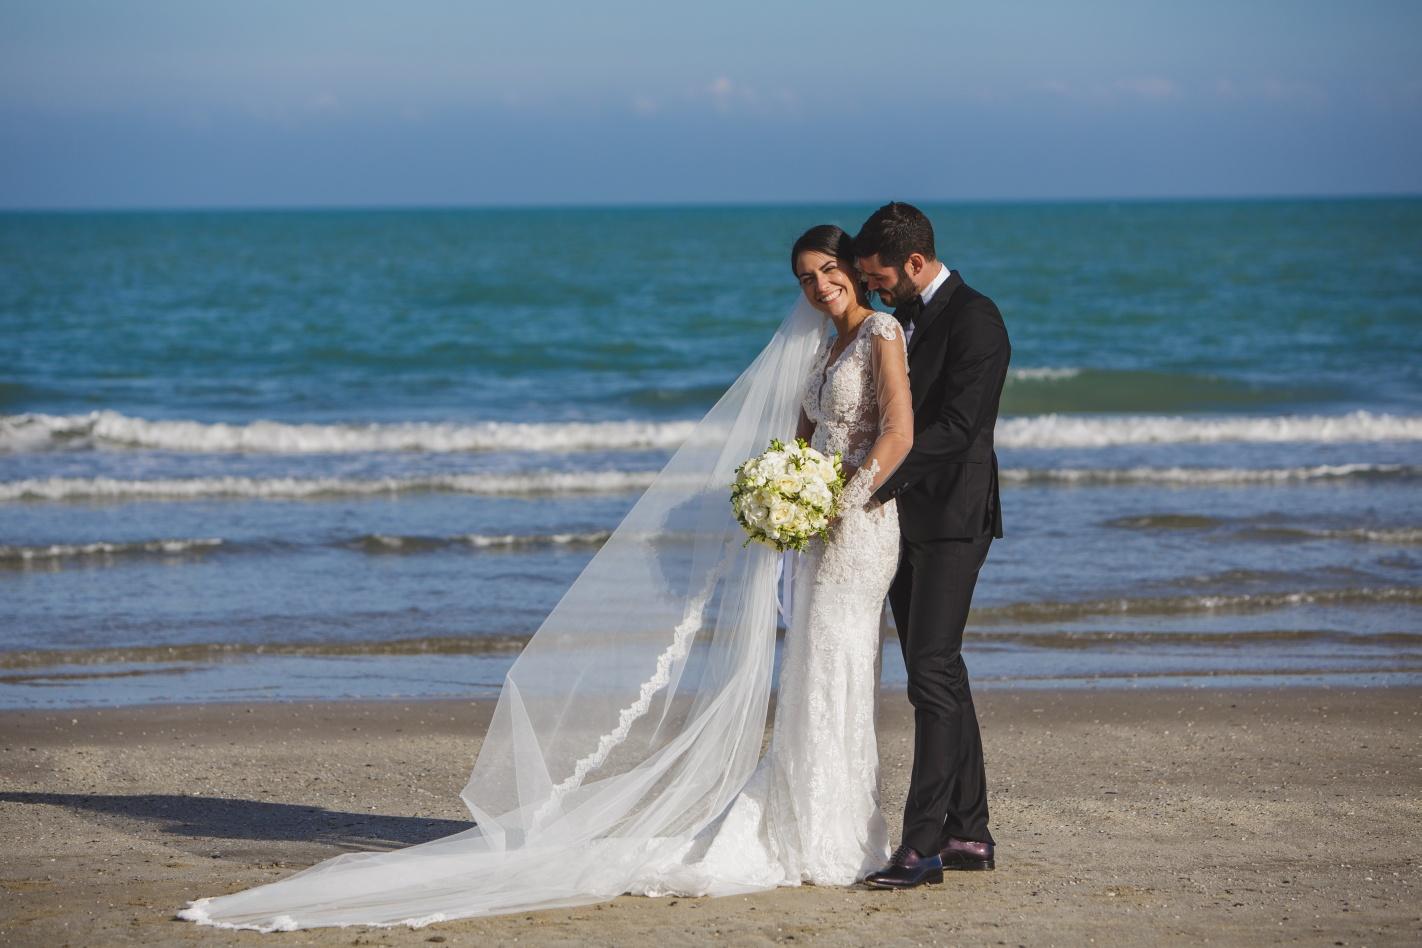 Matrimonio Sulla Spiaggia Emilia Romagna : Tips per il matrimonio in spiaggia matrimonio a bologna